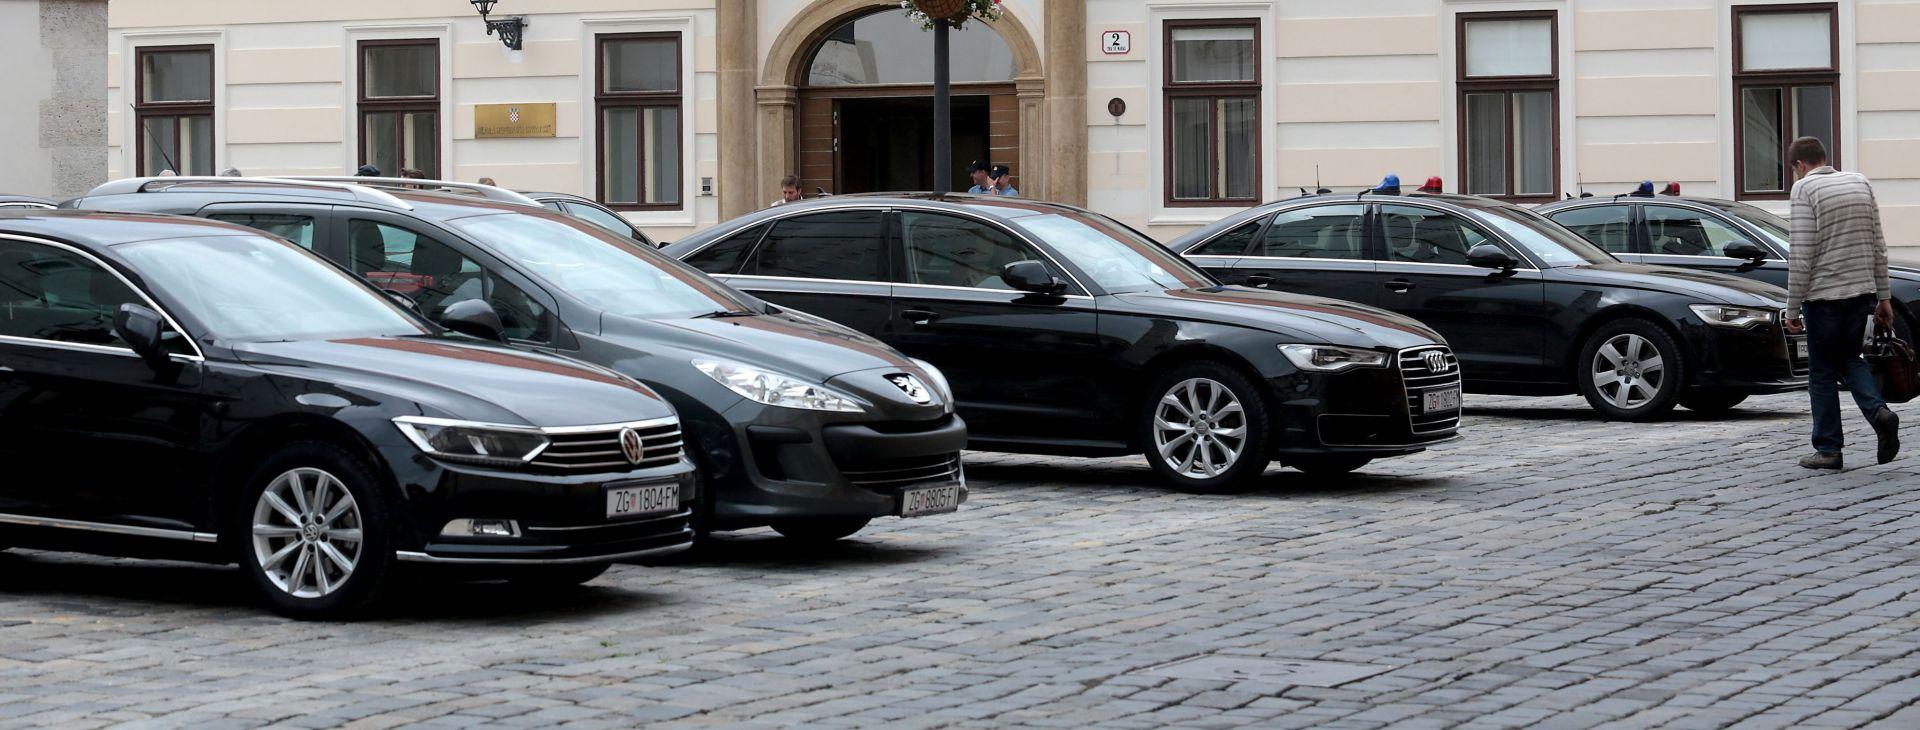 Država kupuje 289 vozila za 40,34 milijuna